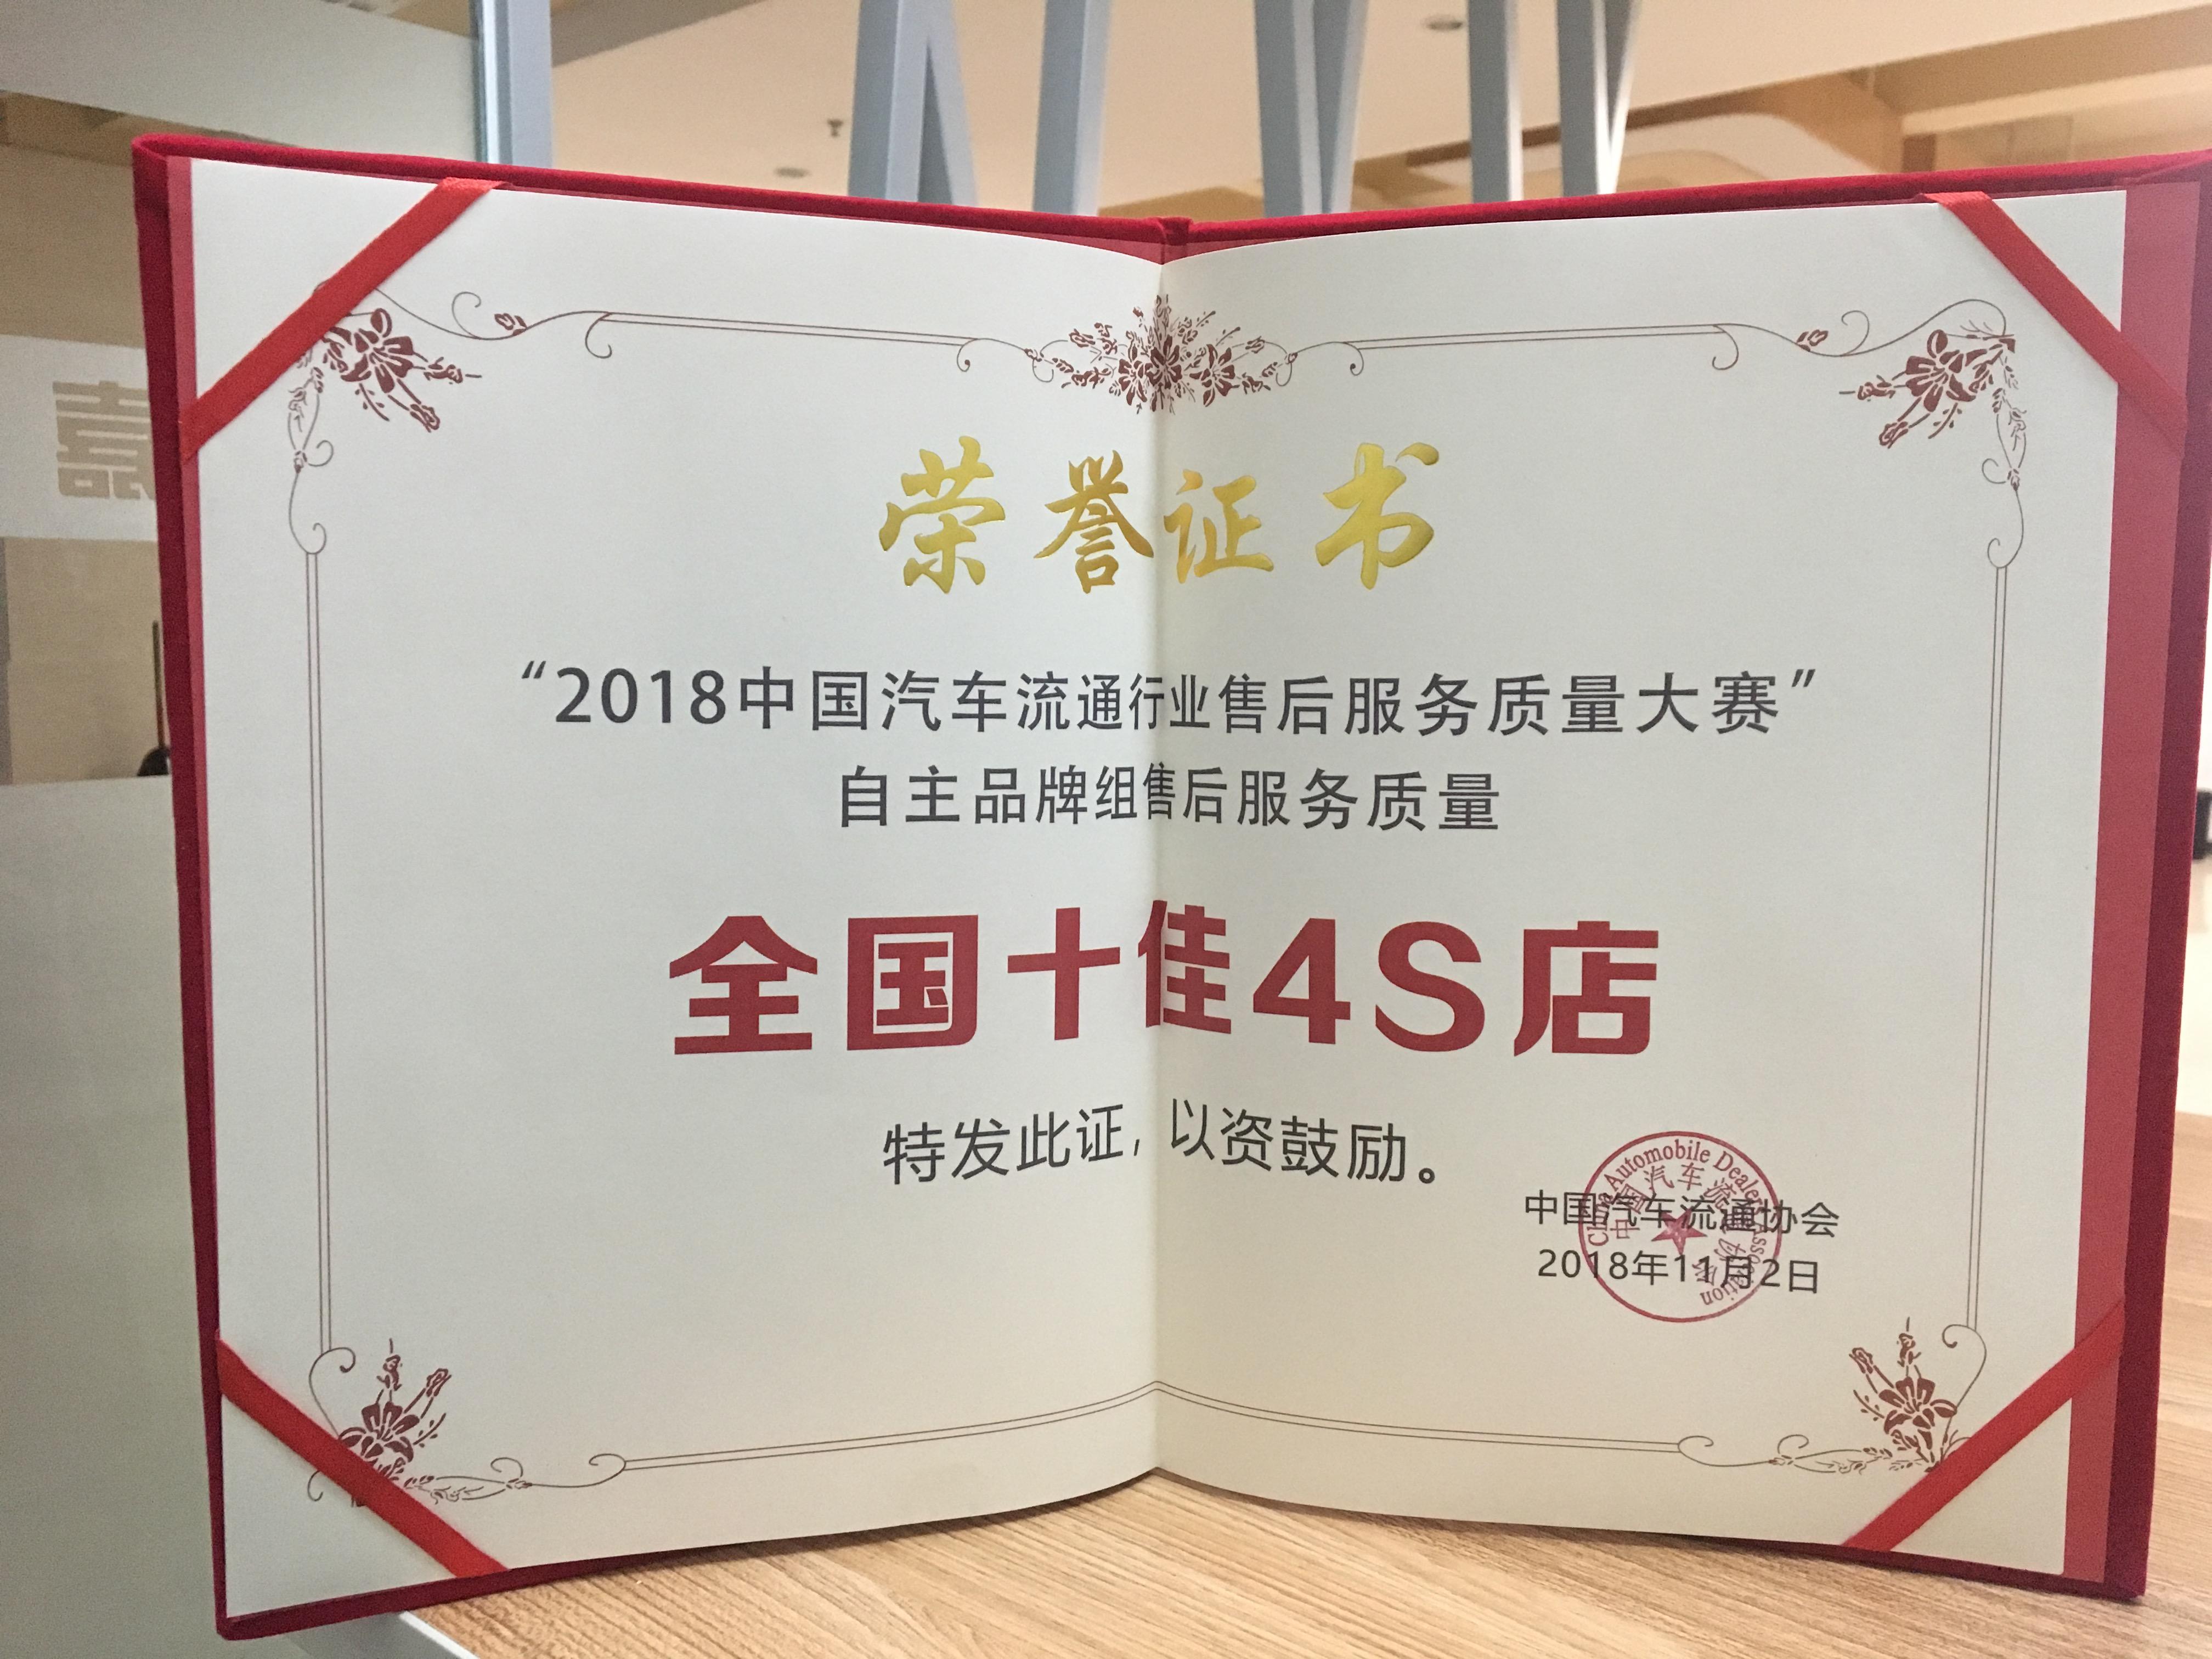 2018售后服务质量大赛全国十佳4S门店